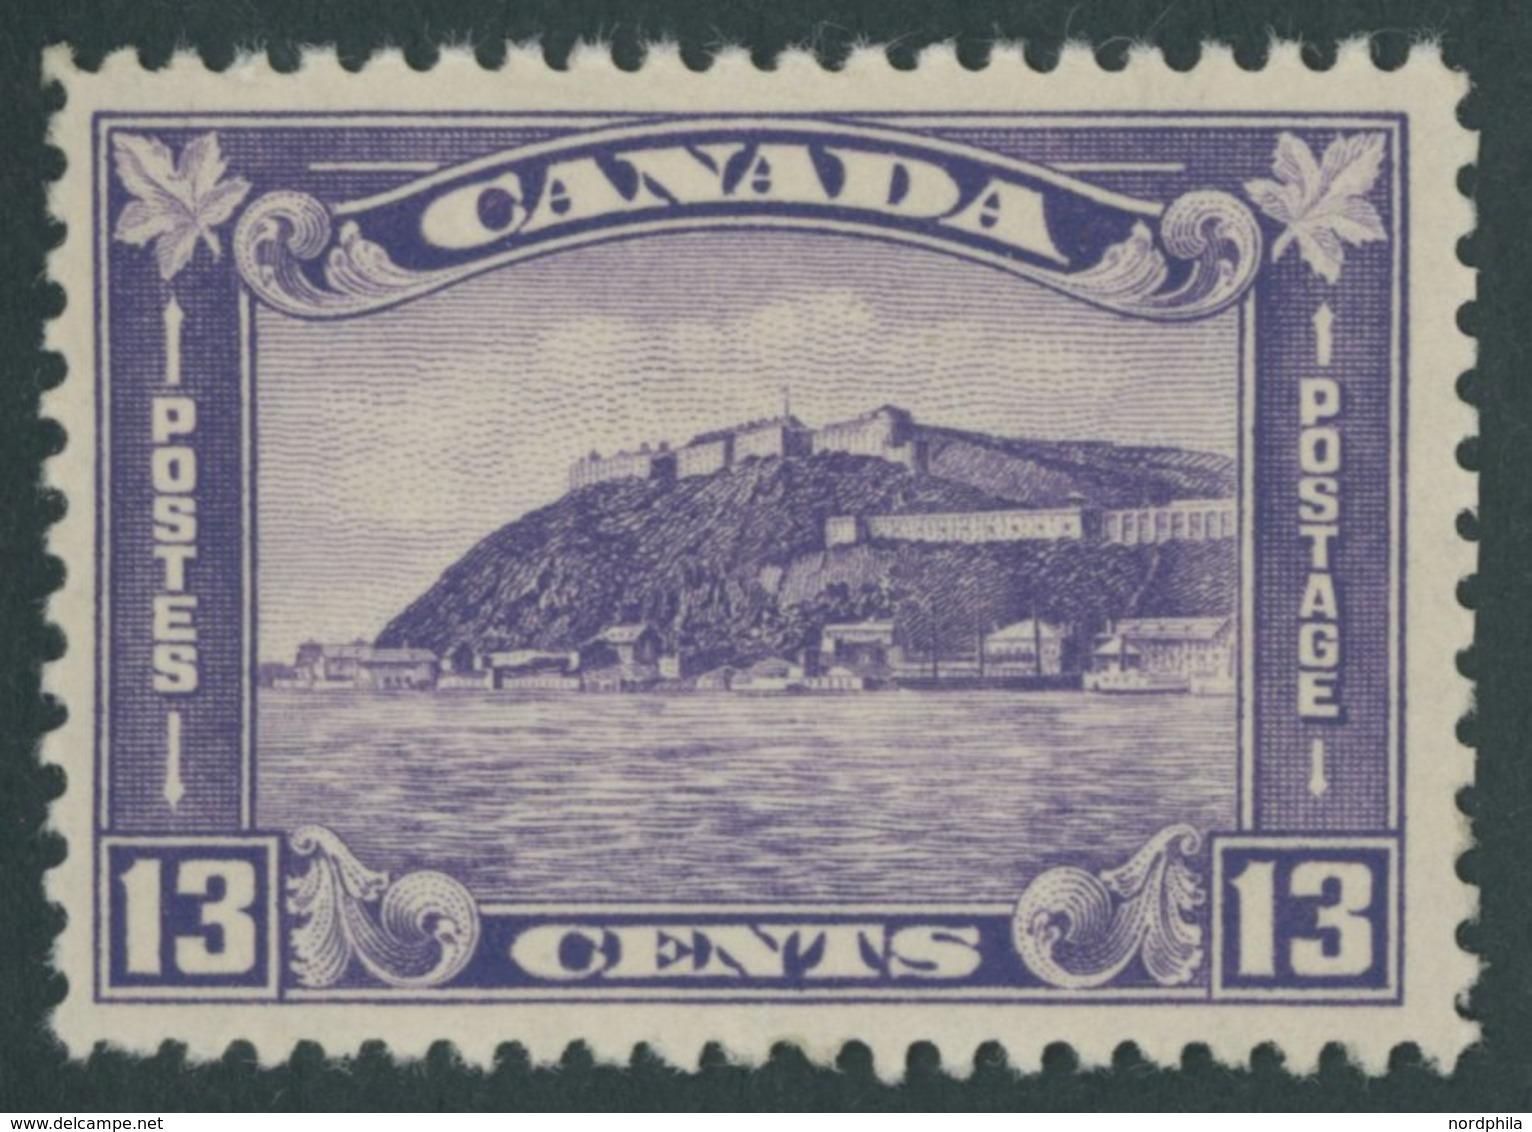 KANADA 168 **, 1932, 13 C. Zitadelle, Postfrisch, Pracht - Canada